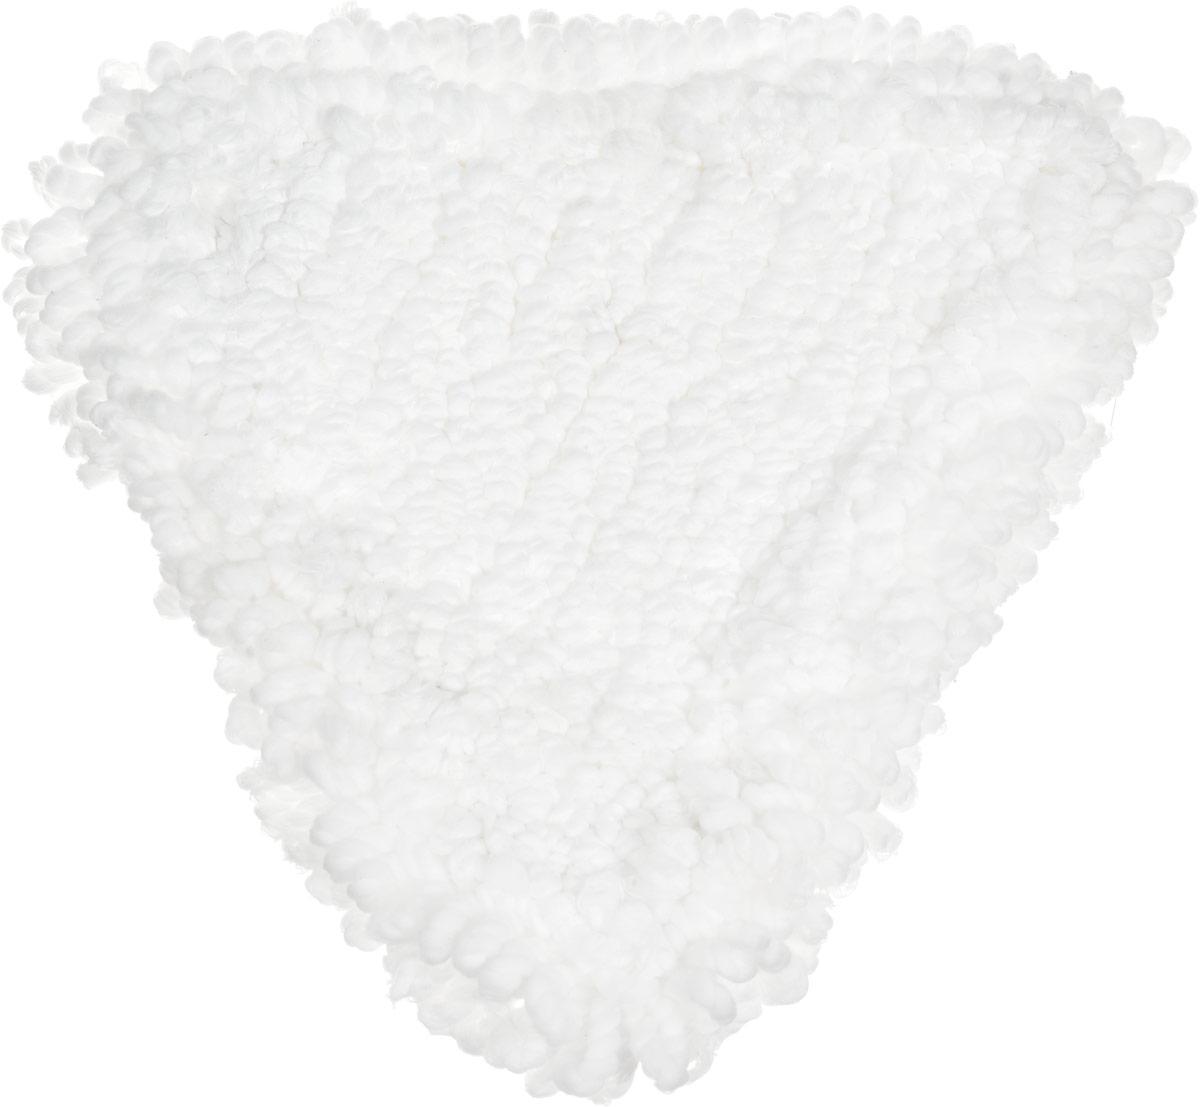 Насадка для швабры York Бермуда, сменная, цве: белый8133_белыйНасадка для швабры York Бермуда, сменная, цве: белый